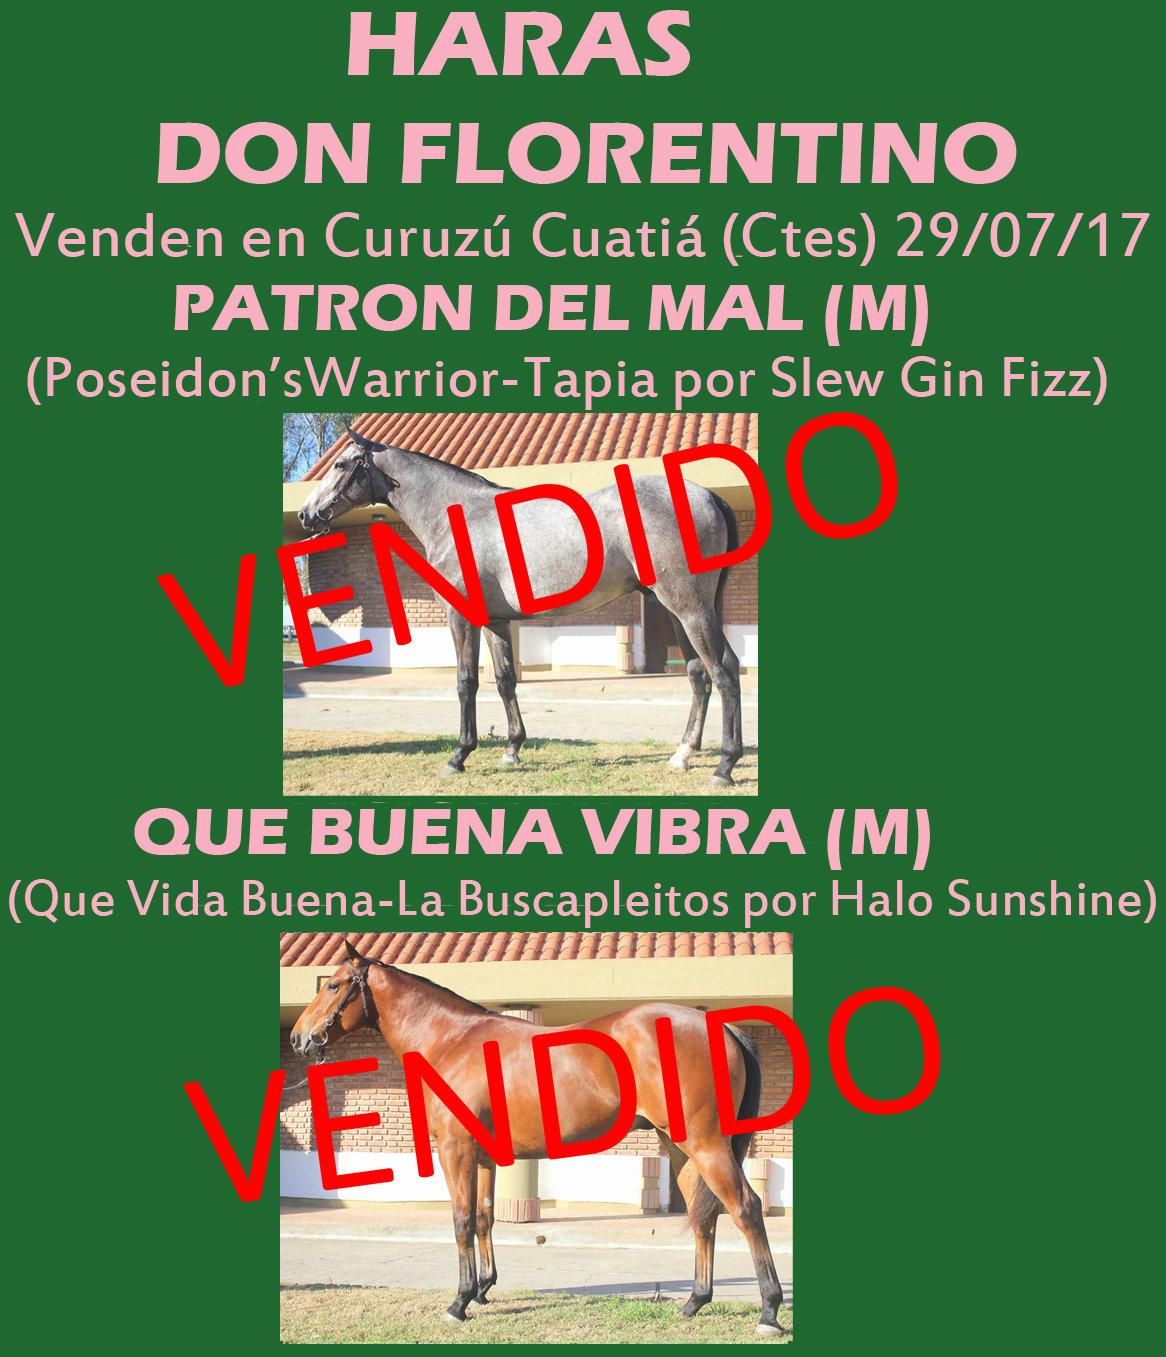 HS DON FLORENTINO 1 VENDIDOS